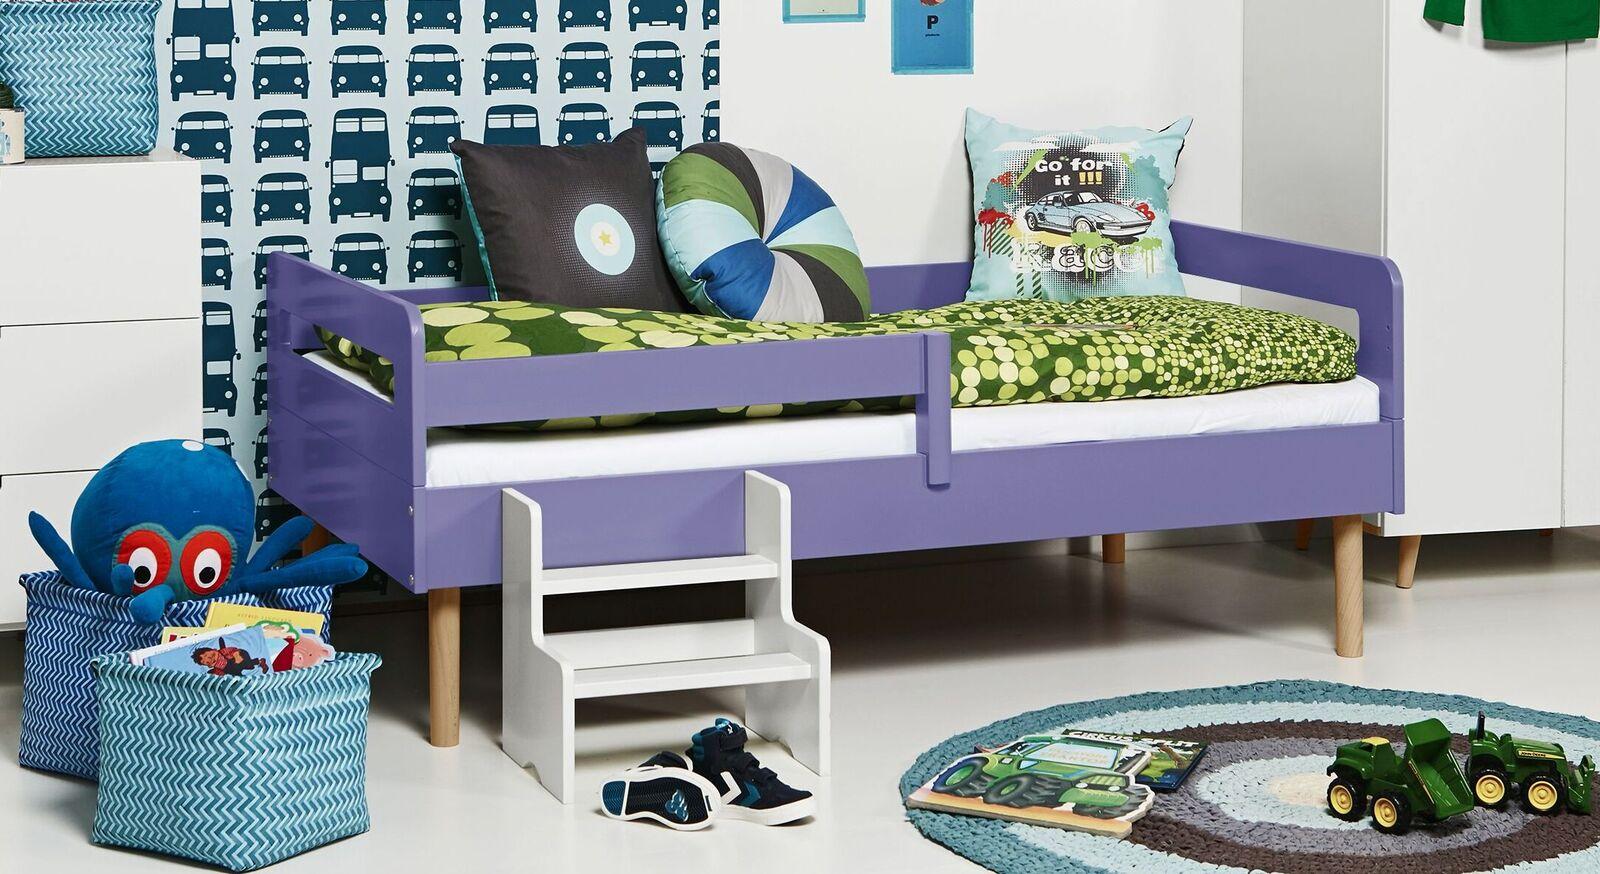 Modernes Kinderbett Kids Town Retro aus lilafarbenem MDF